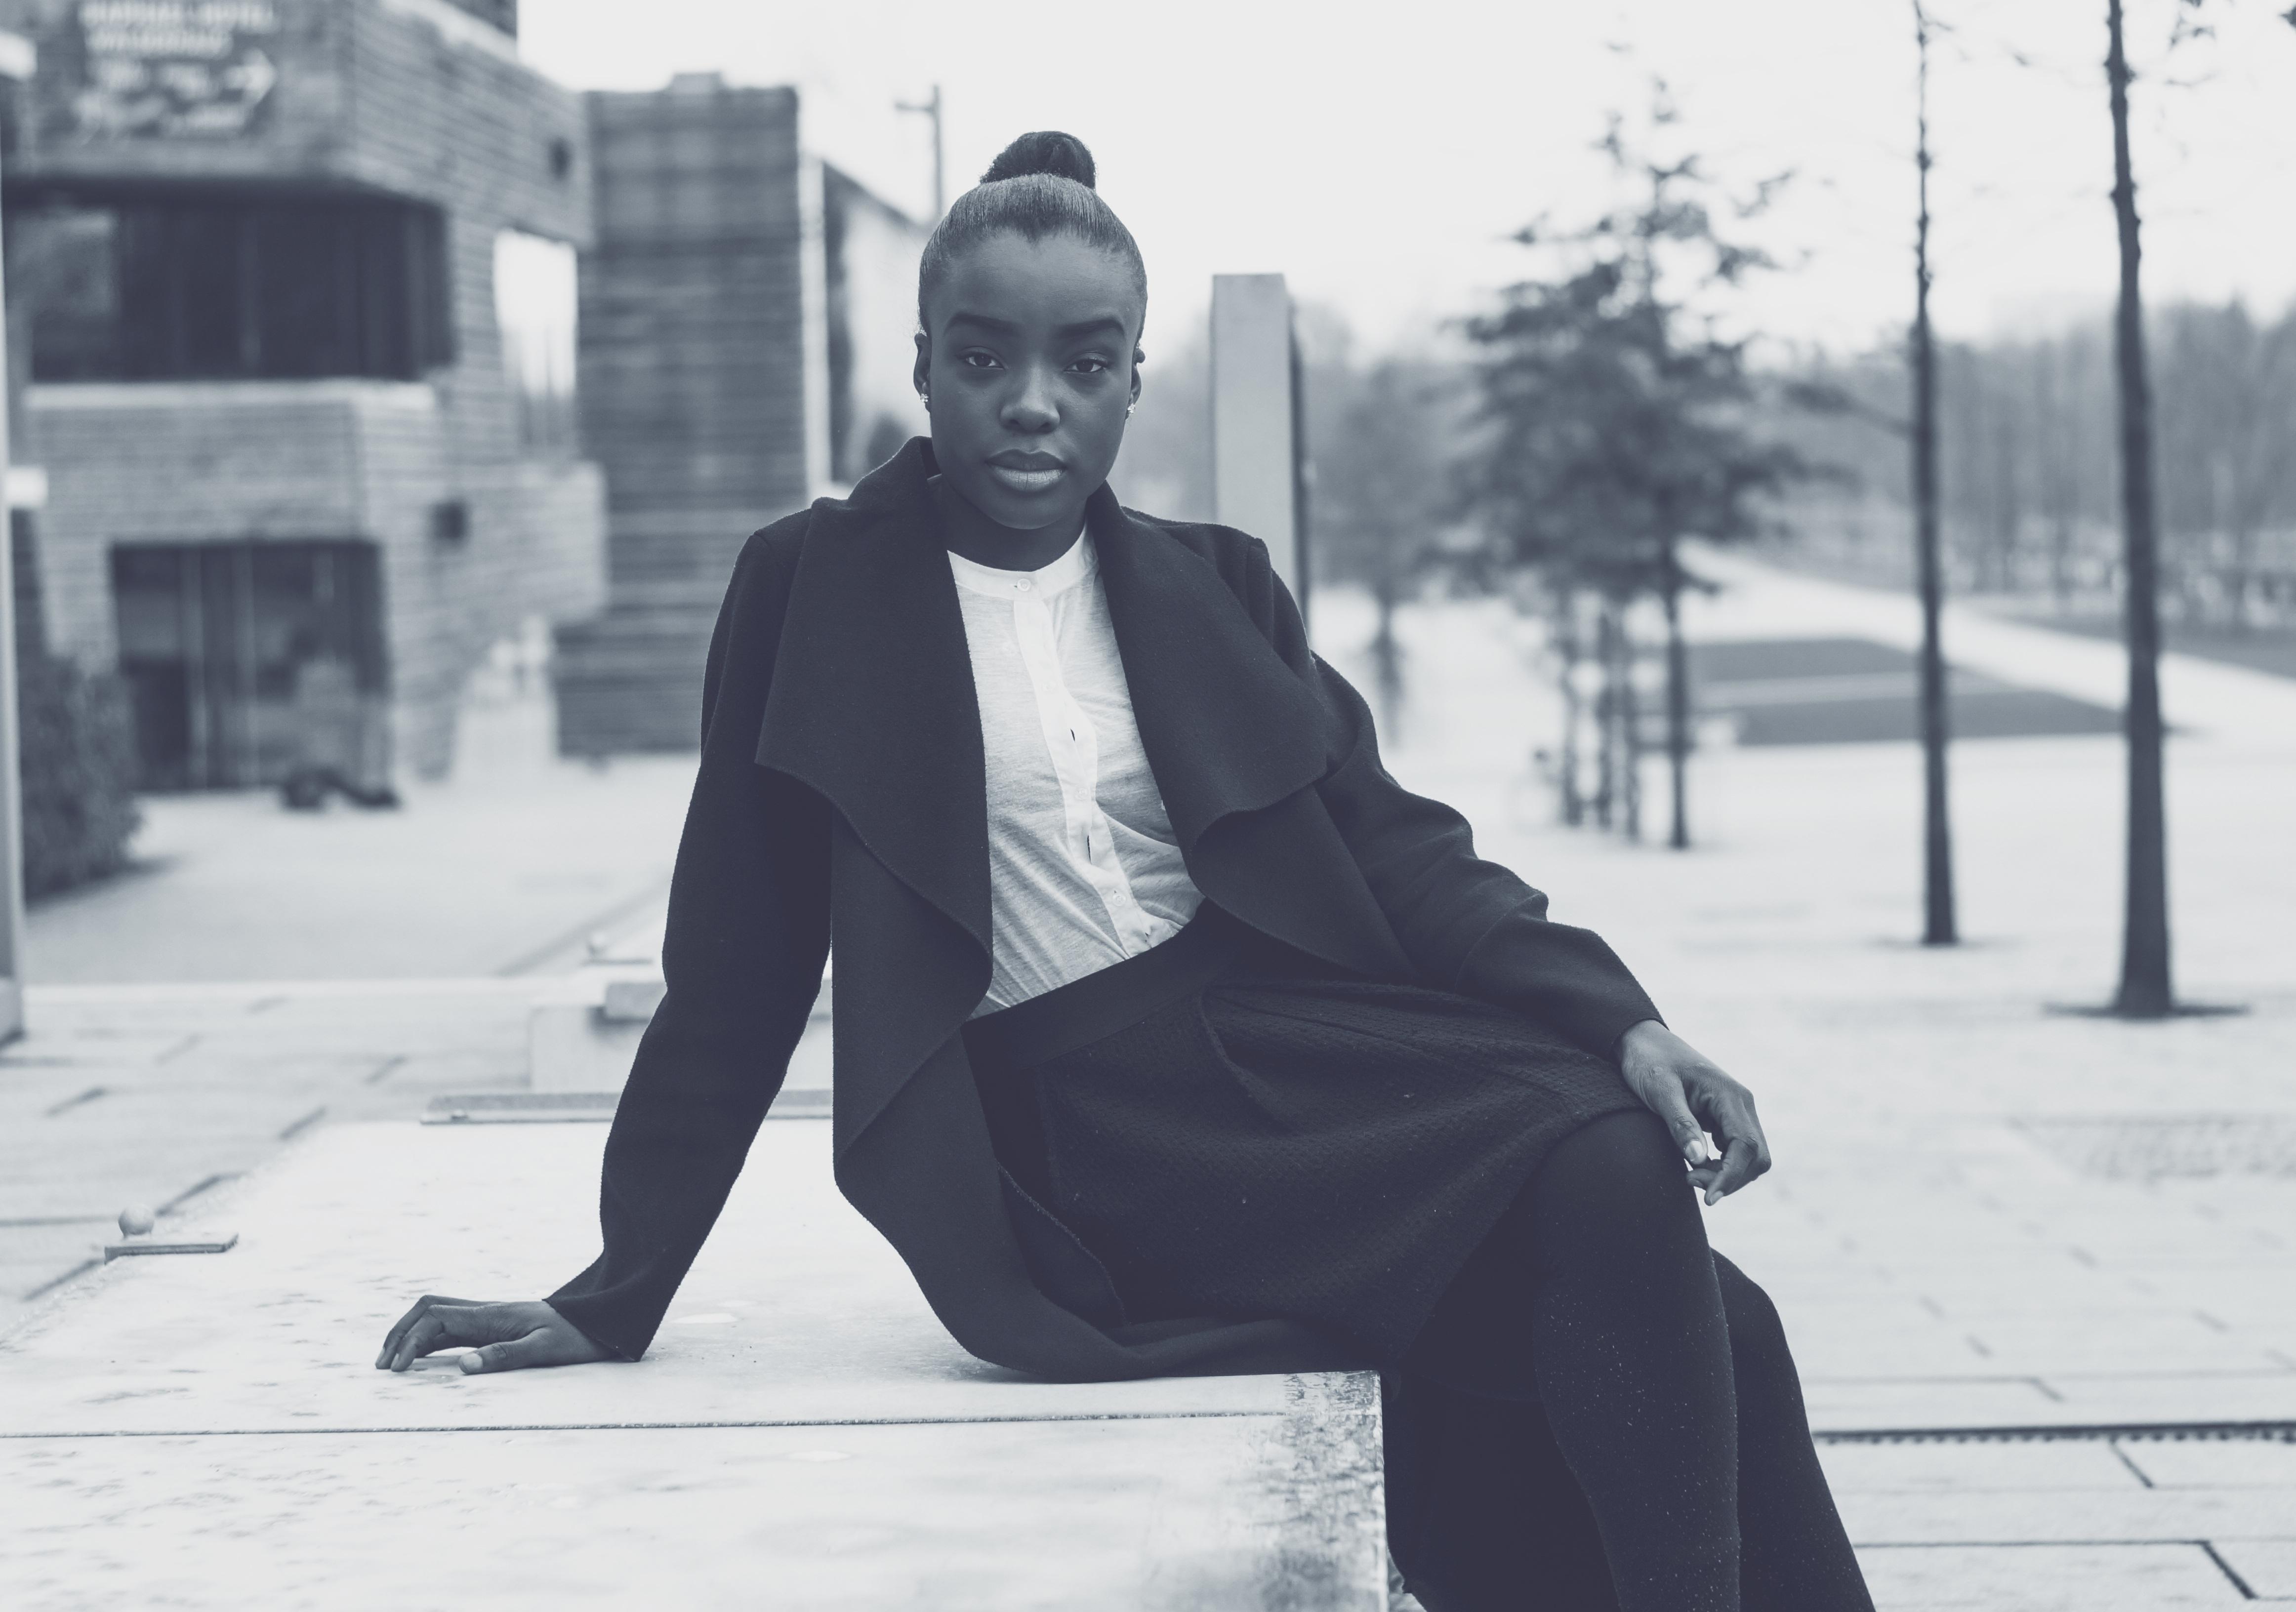 Gambar Kerja Orang Salju Musim Dingin Potret Duduk Cuaca Perusahaan Mode Profesional Pakaian Satu Warna Di Luar Rumah Foto Kepemimpinan Menarik Eksekutif Keberhasilan Percaya Diri Manajer Wanita Bisnis Bisnis Wanita Pengusaha